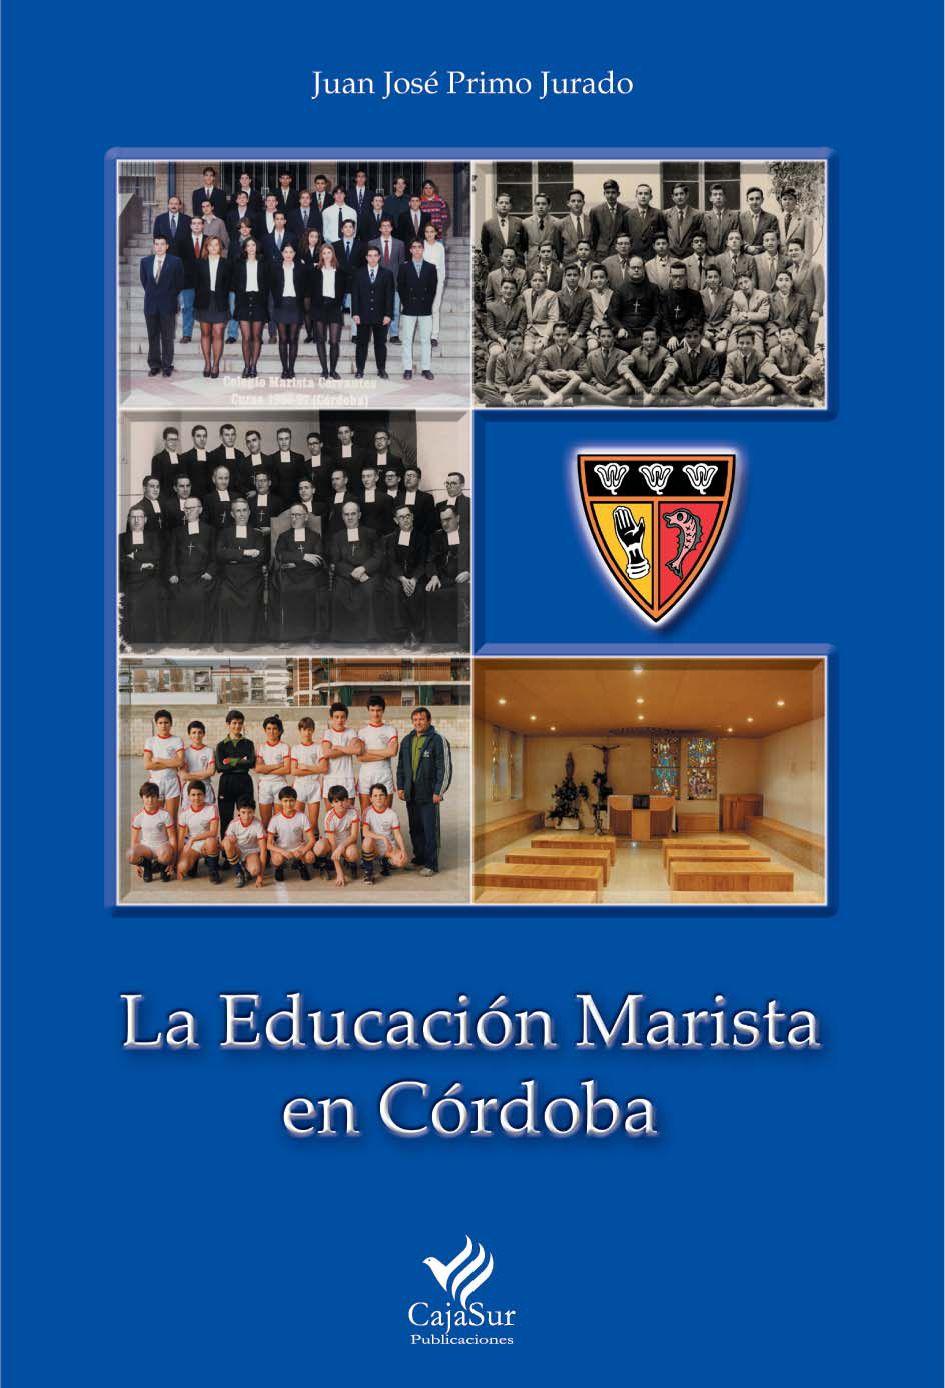 LA EDUCACIÓN MARISTA EN CÓRDOBA by CENTRO MARISTA CERVANTES - issuu dccd1e94cd3ba